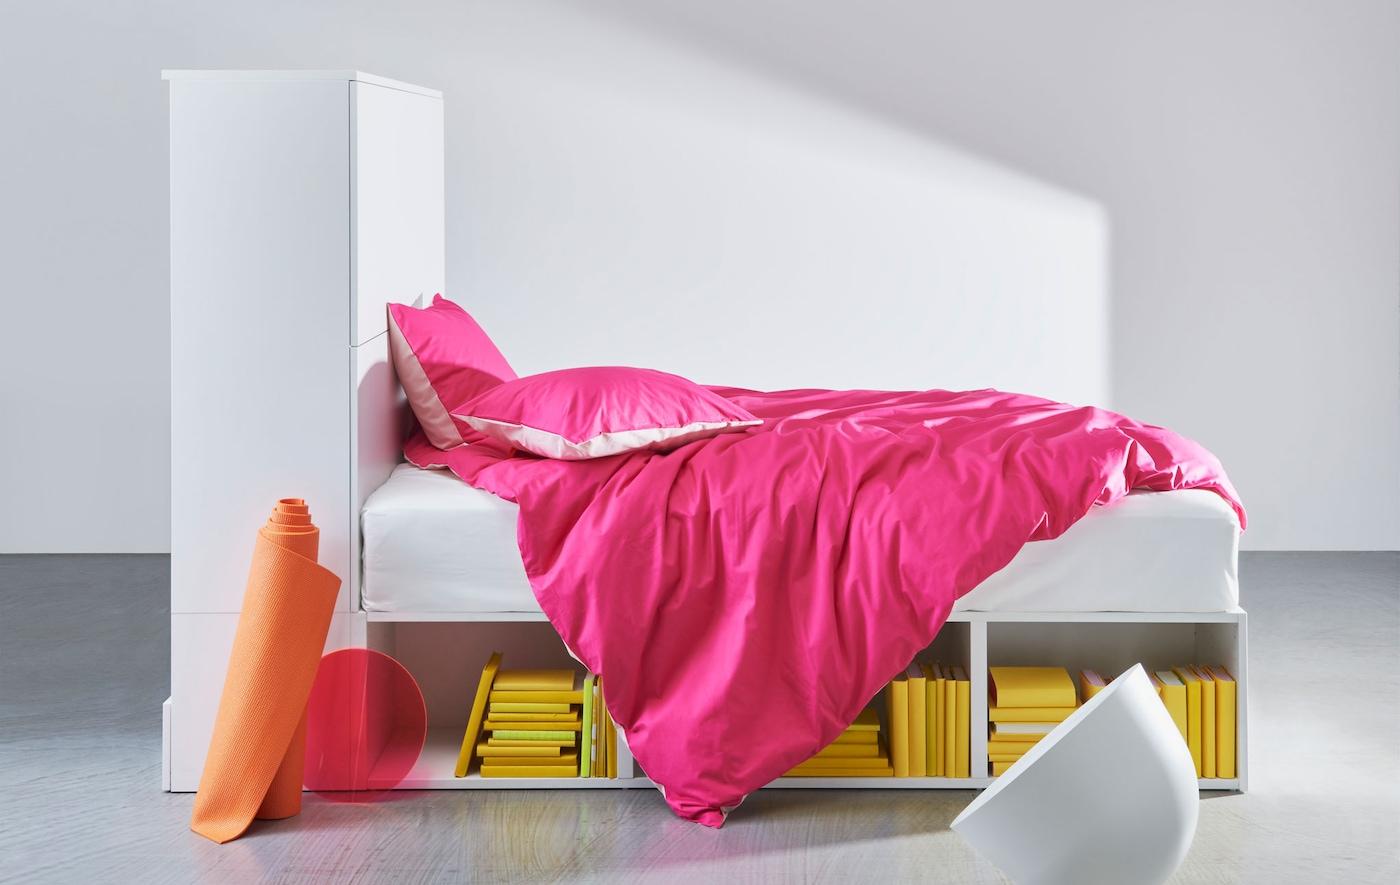 Cadre de lit blanc avec rangement intégré et linge de lit rose.